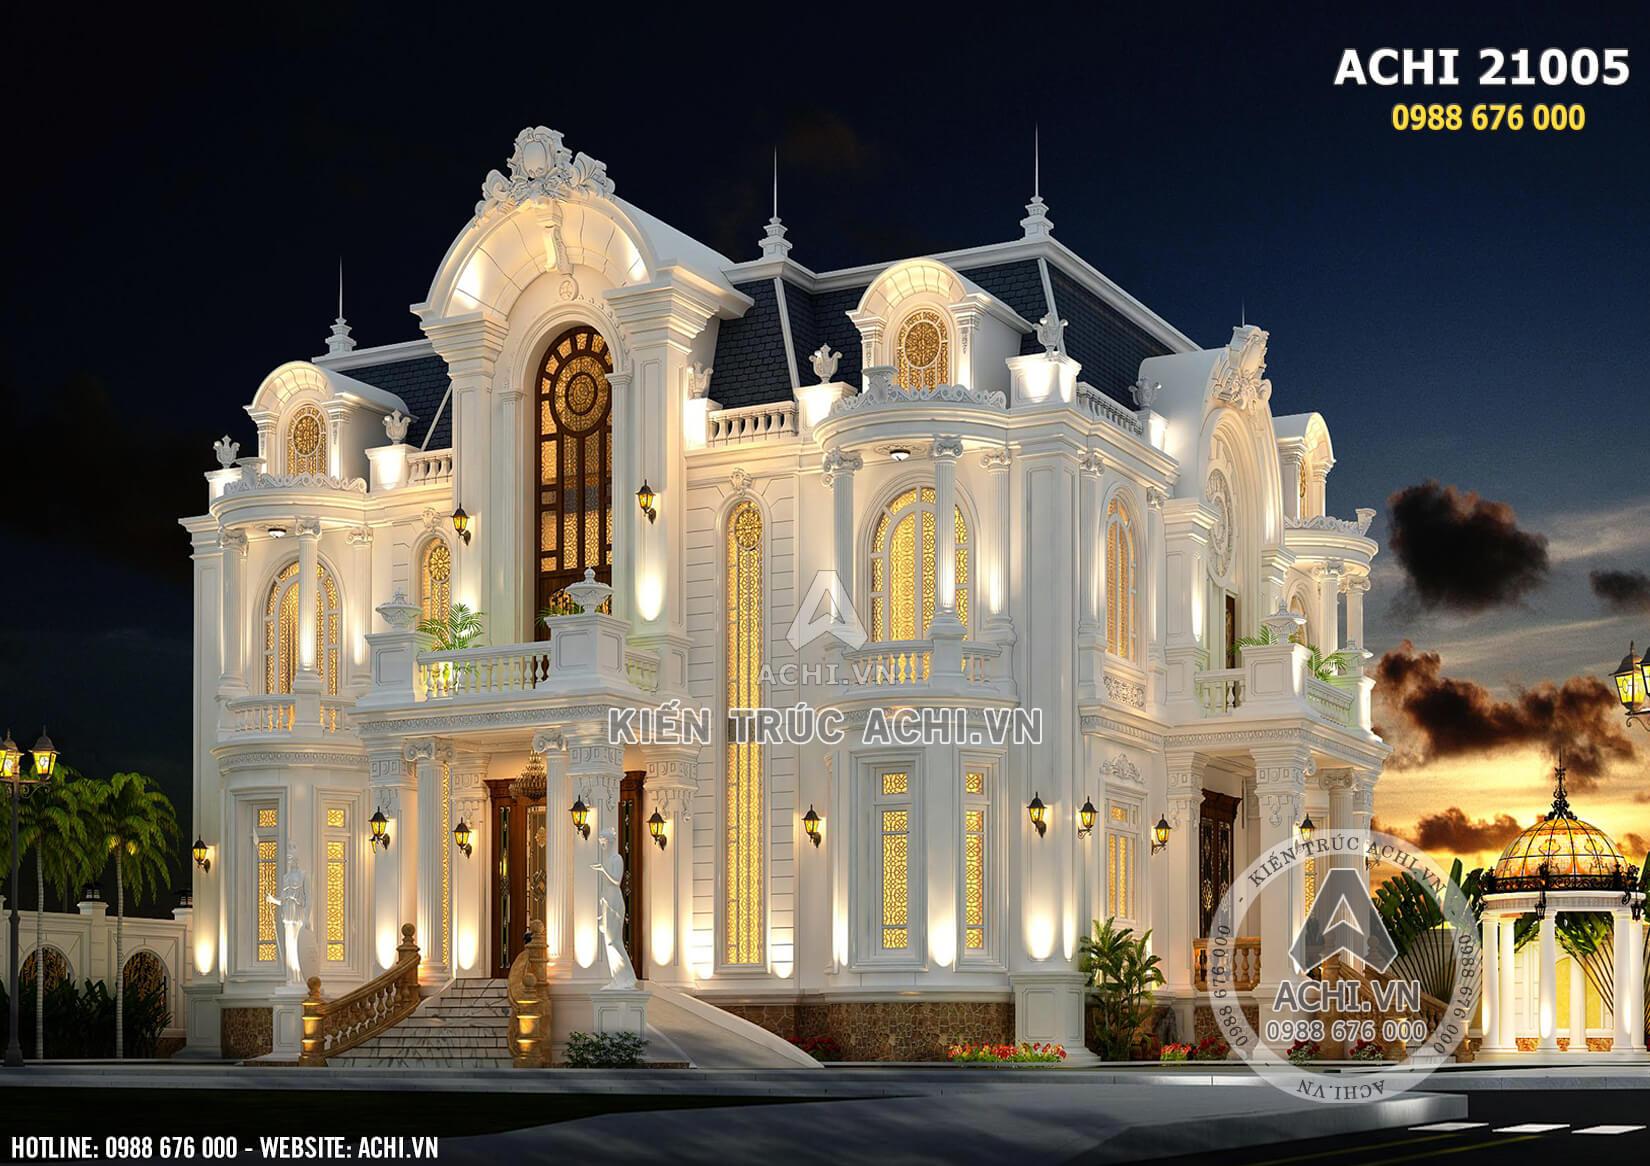 Mẫu biệt thự tân cổ điển 3 tầng đẹp sang trọng - ACHI 21005